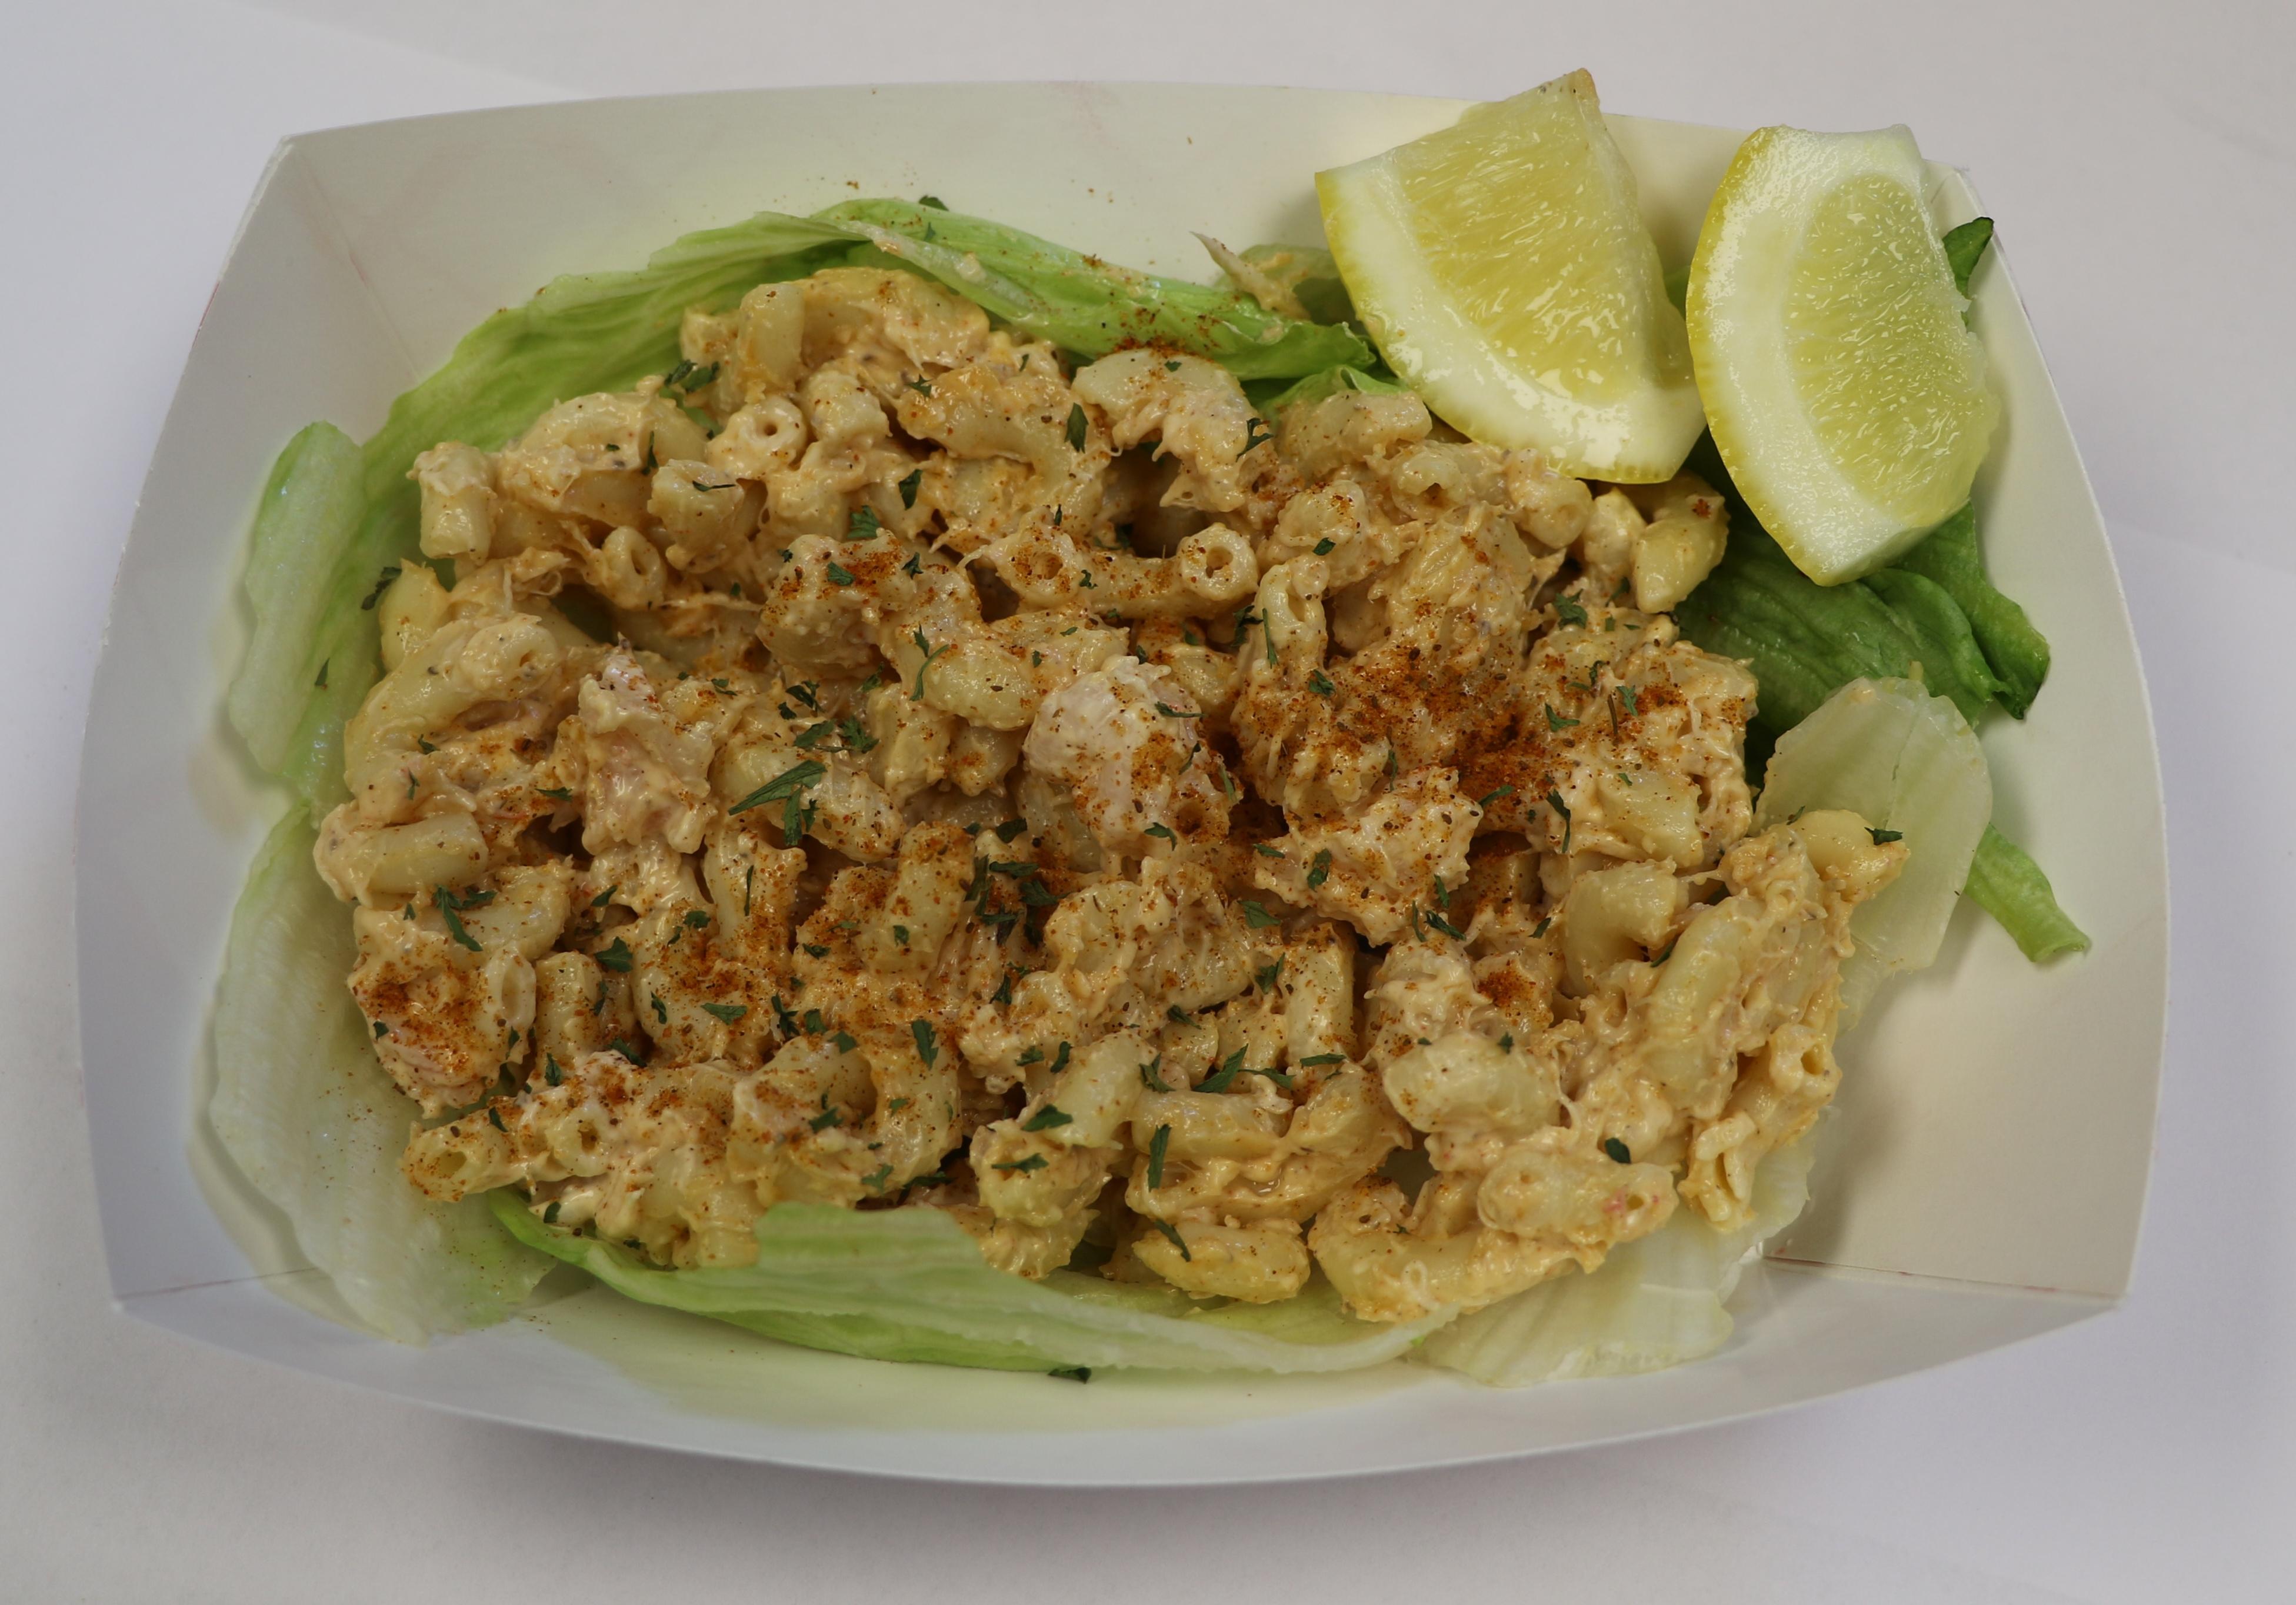 Macaroni Salad with Shrimp & Crabmeat Image